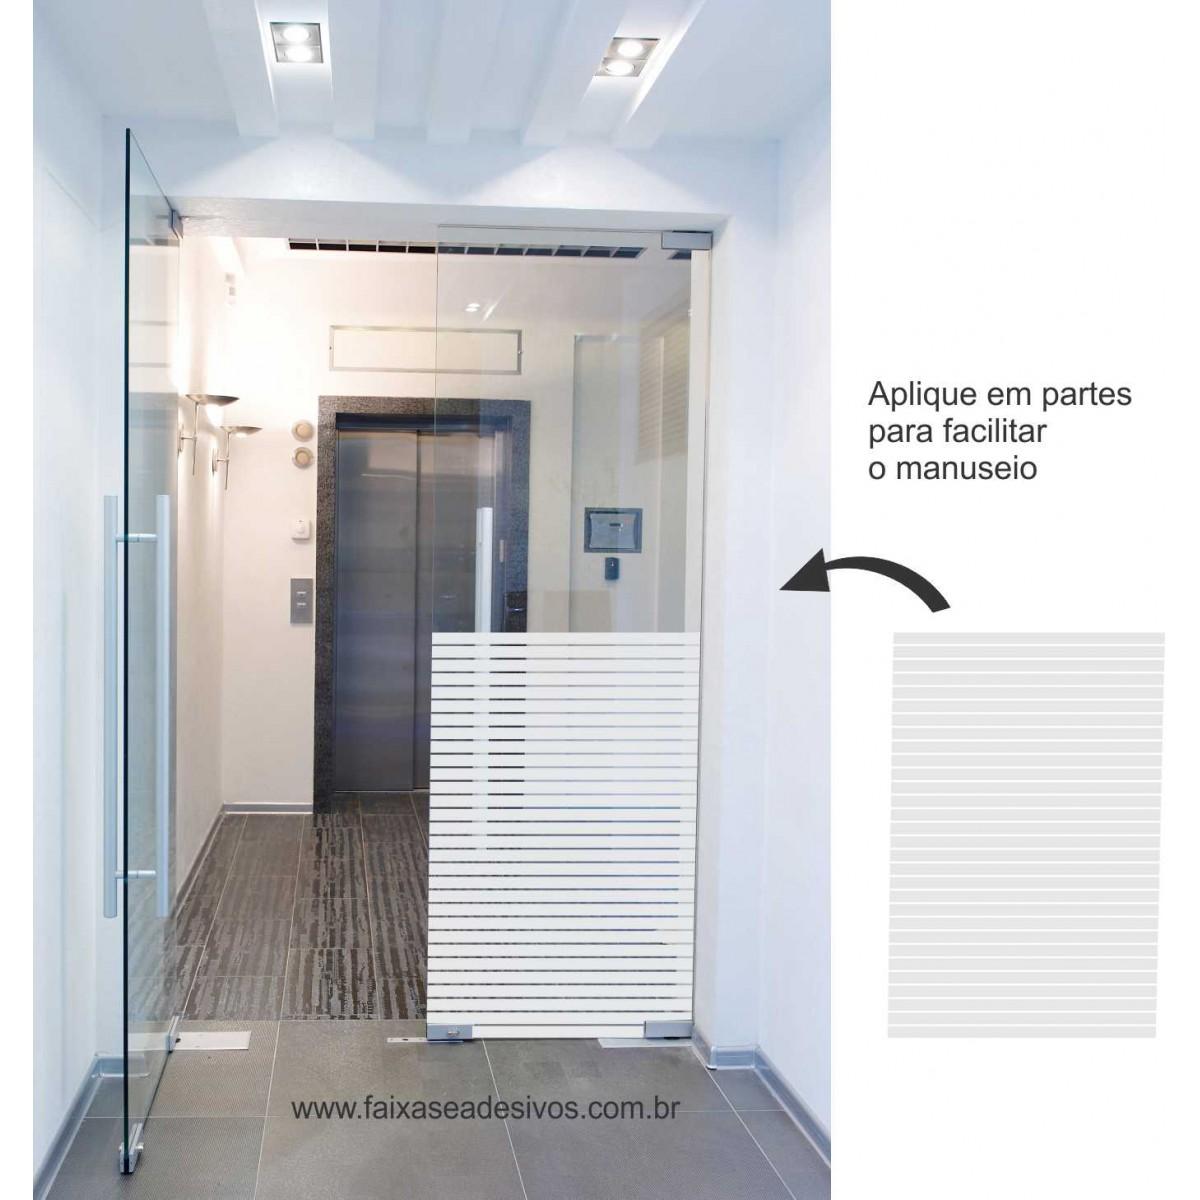 112 - Adesivo Persiana 2cm cada tira e vão de 0,3cm - 220x70cm - Escolha a cor  - FAC Signs Impressão Digital